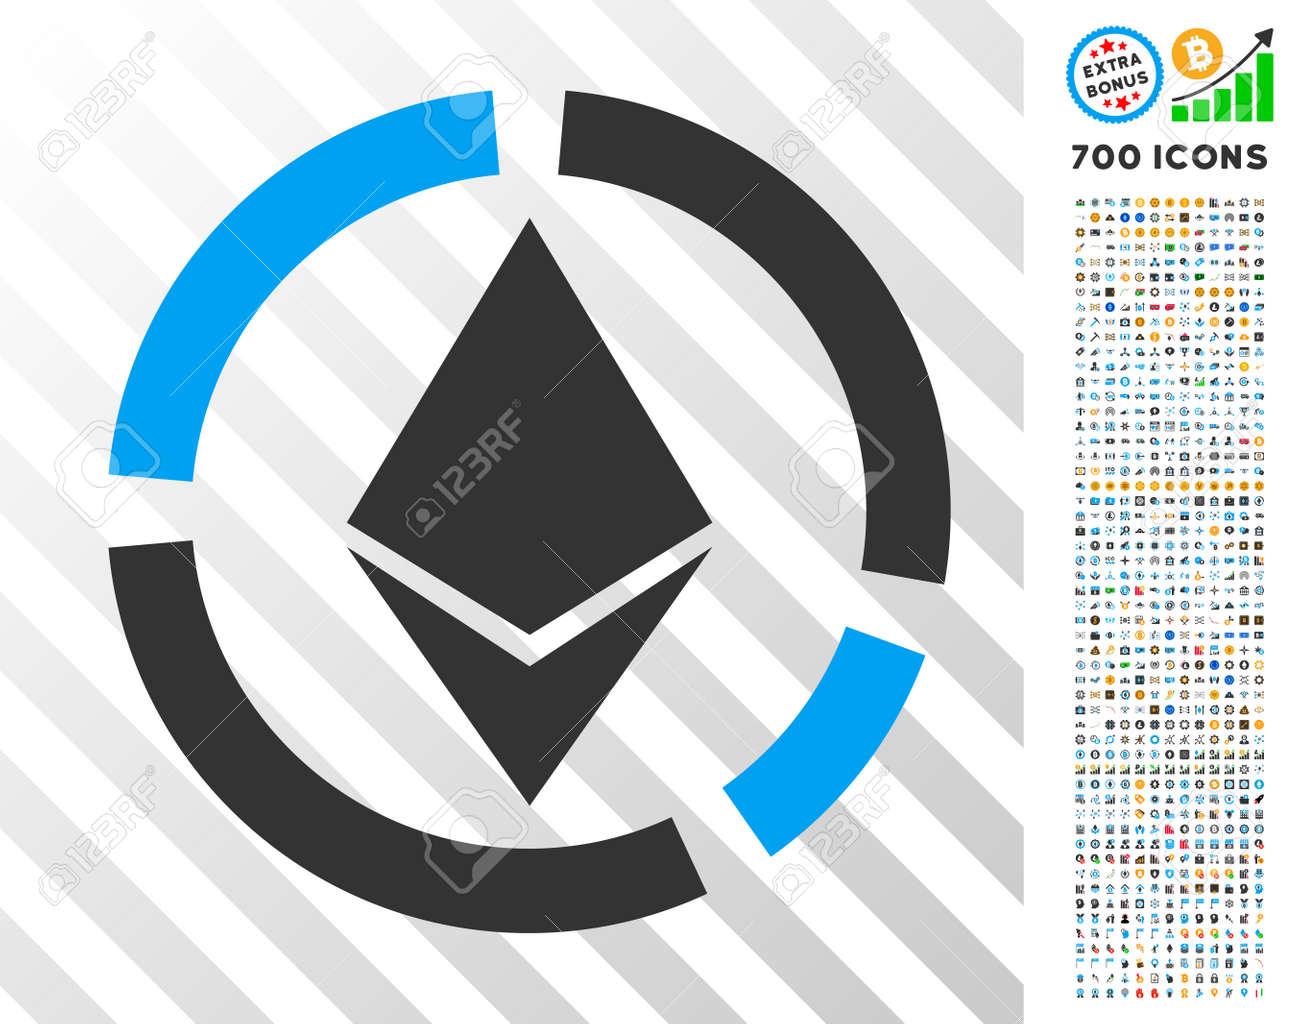 Buy Bitcoin Or Bitcoin Stock Ethereum Circle Icon